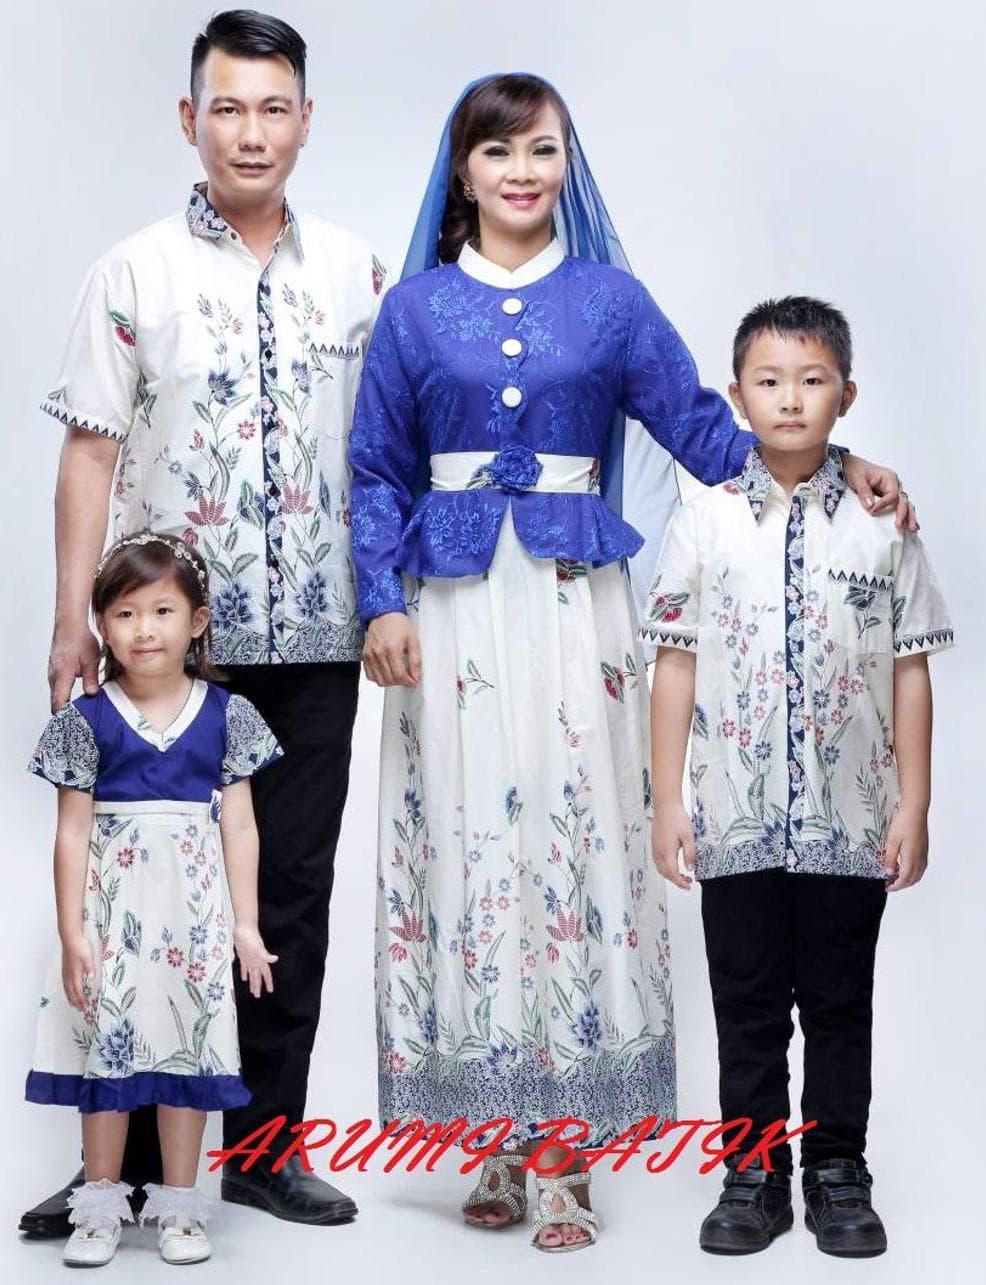 Murah Gamis Baju Muslim Long Maxi Dress Batik 1493 Biru Jumbo